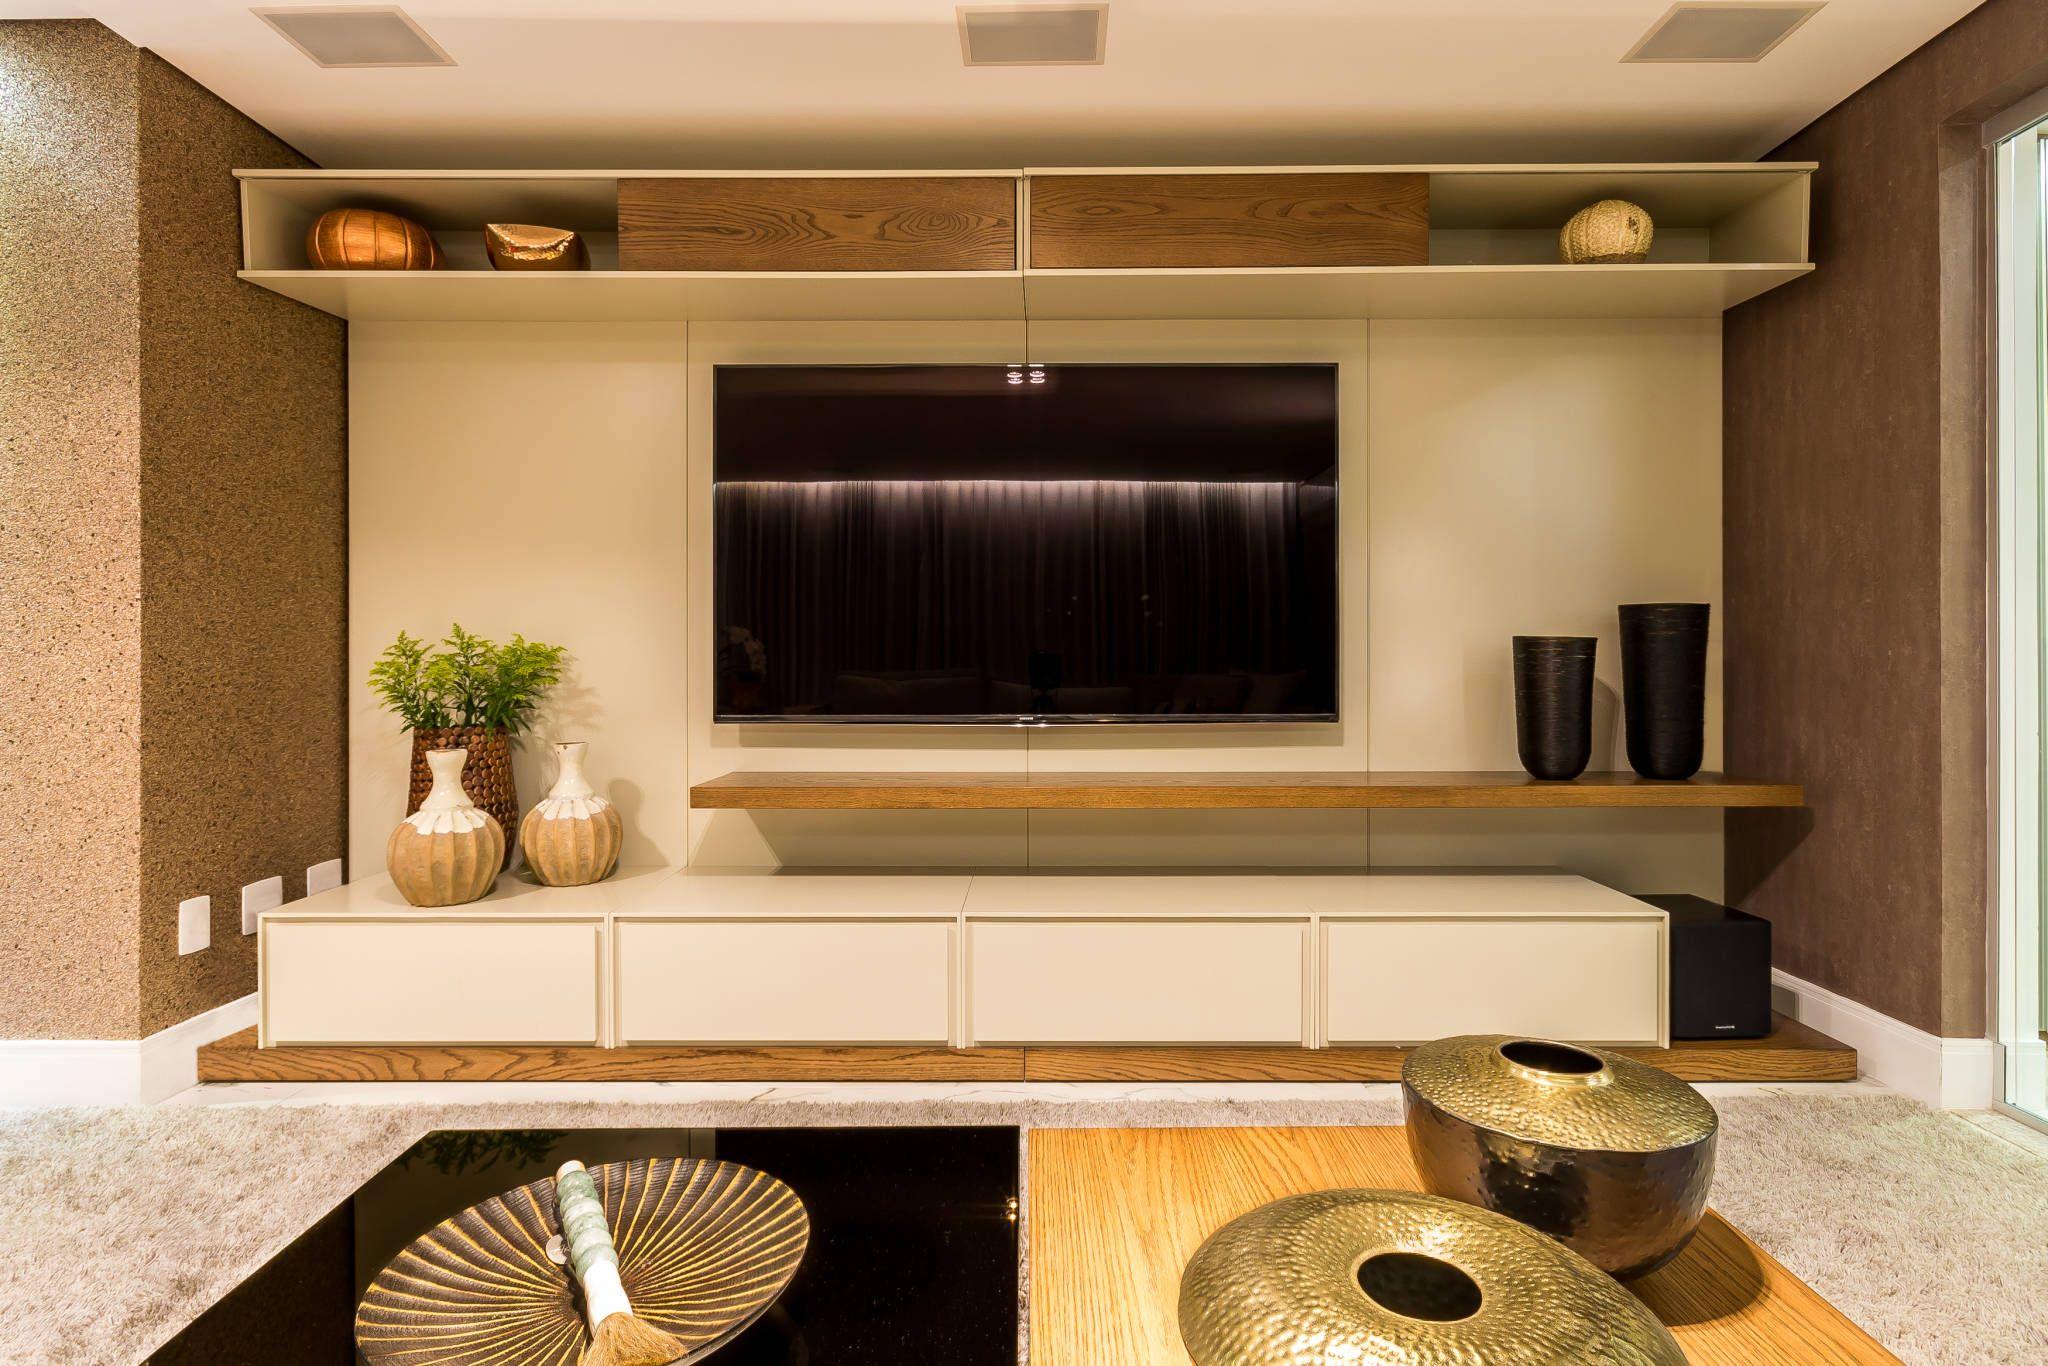 Fotos De Decoração, Design De Interiores E Reformas. TheatresTv UnitsHome  ...